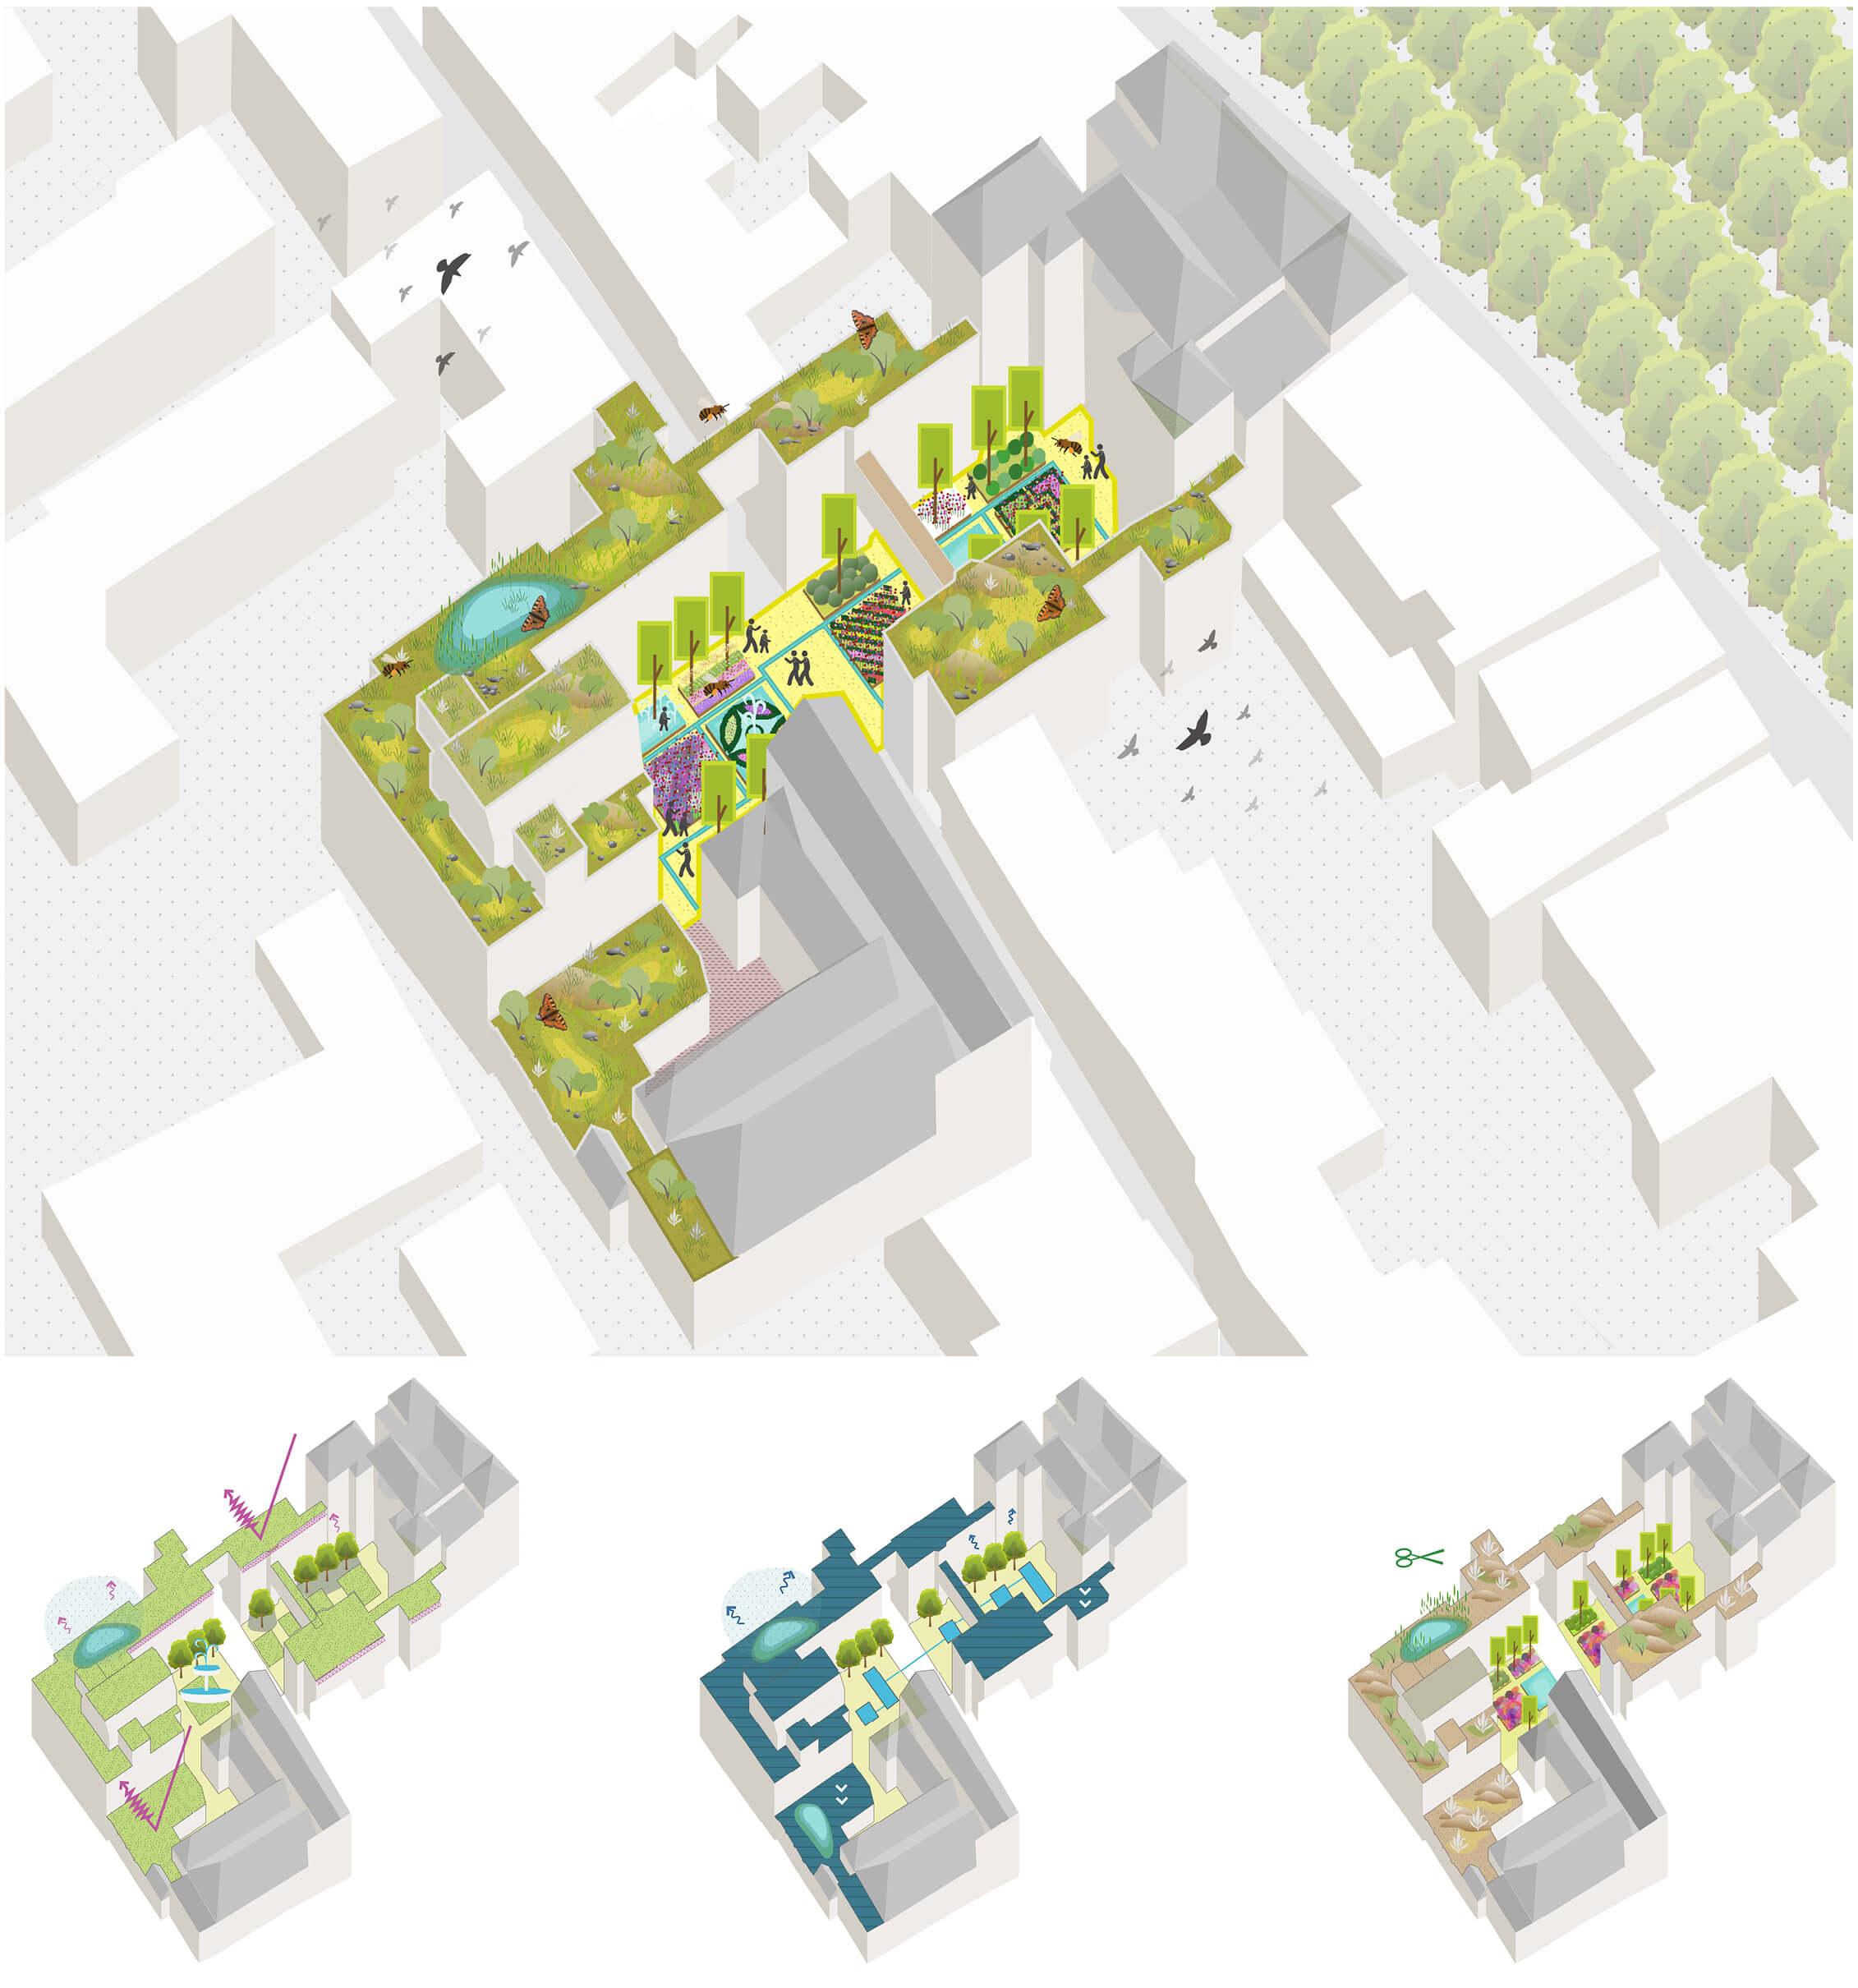 felixx-greenicons-concepthuis.jpg